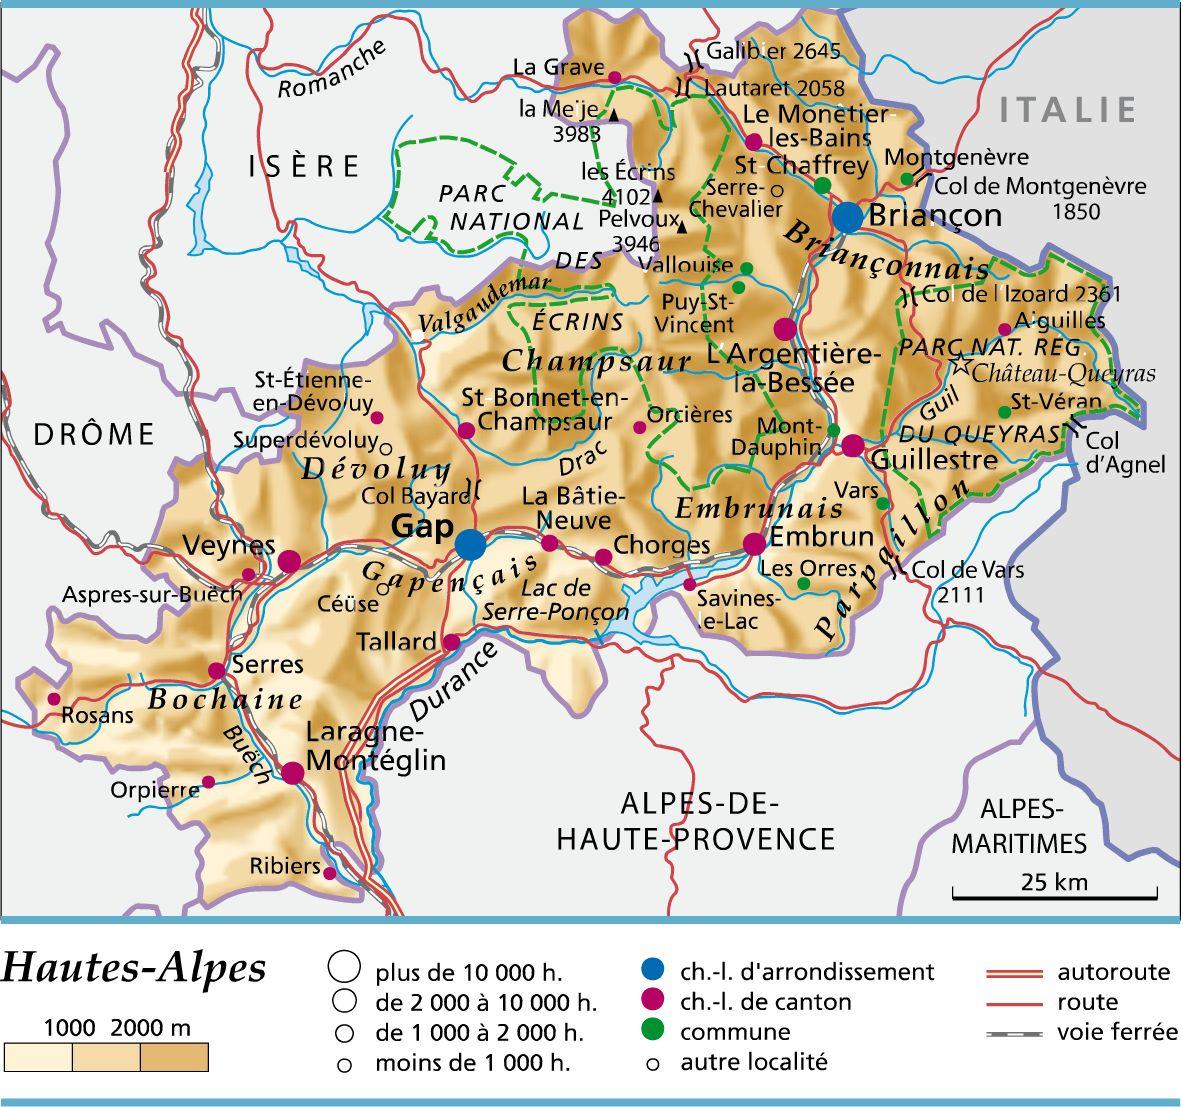 Carte des Hautes-Alpes